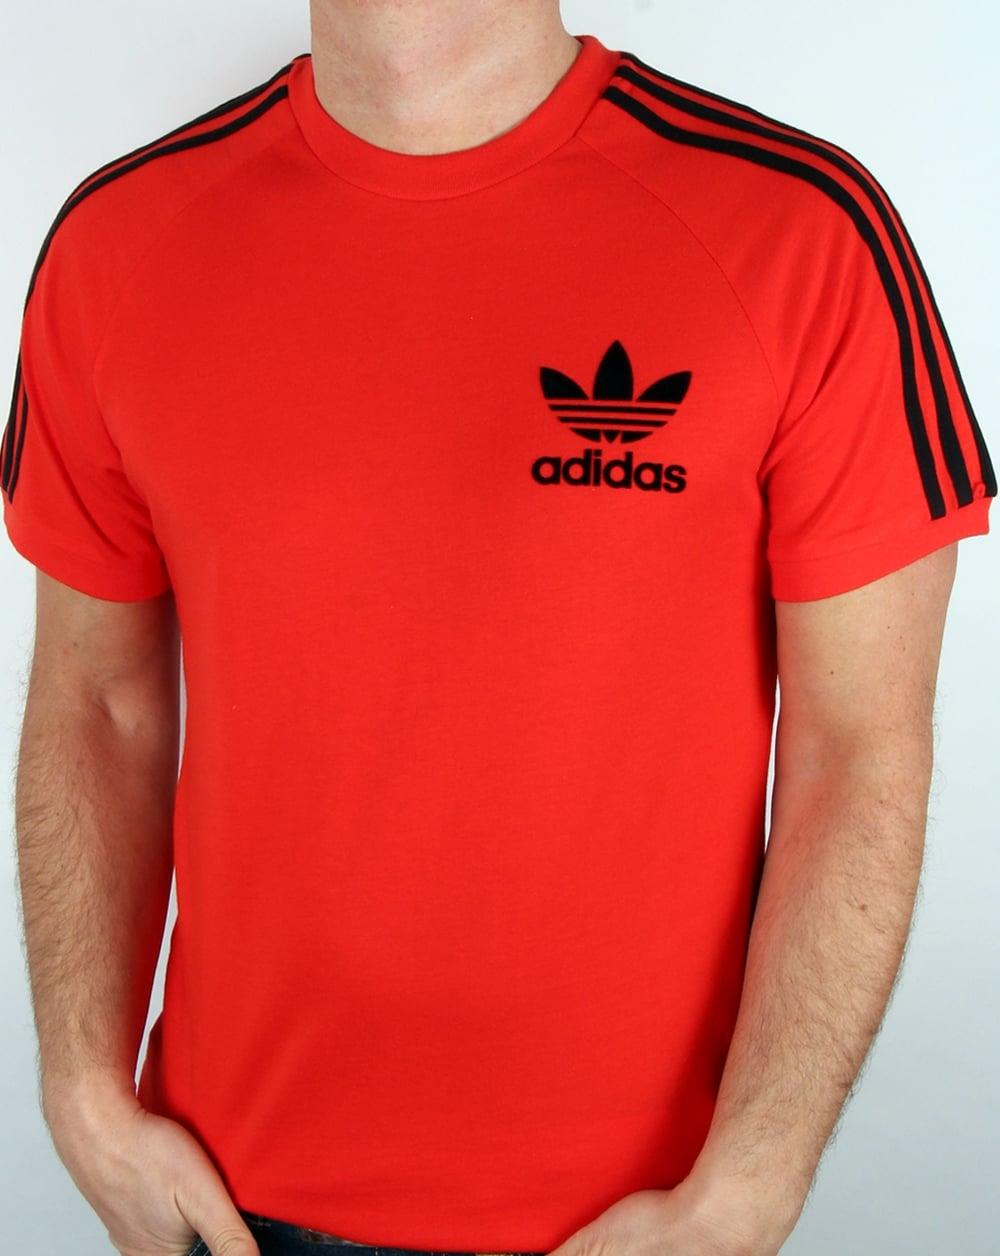 adidas originals retro 3 stripes t shirt core red